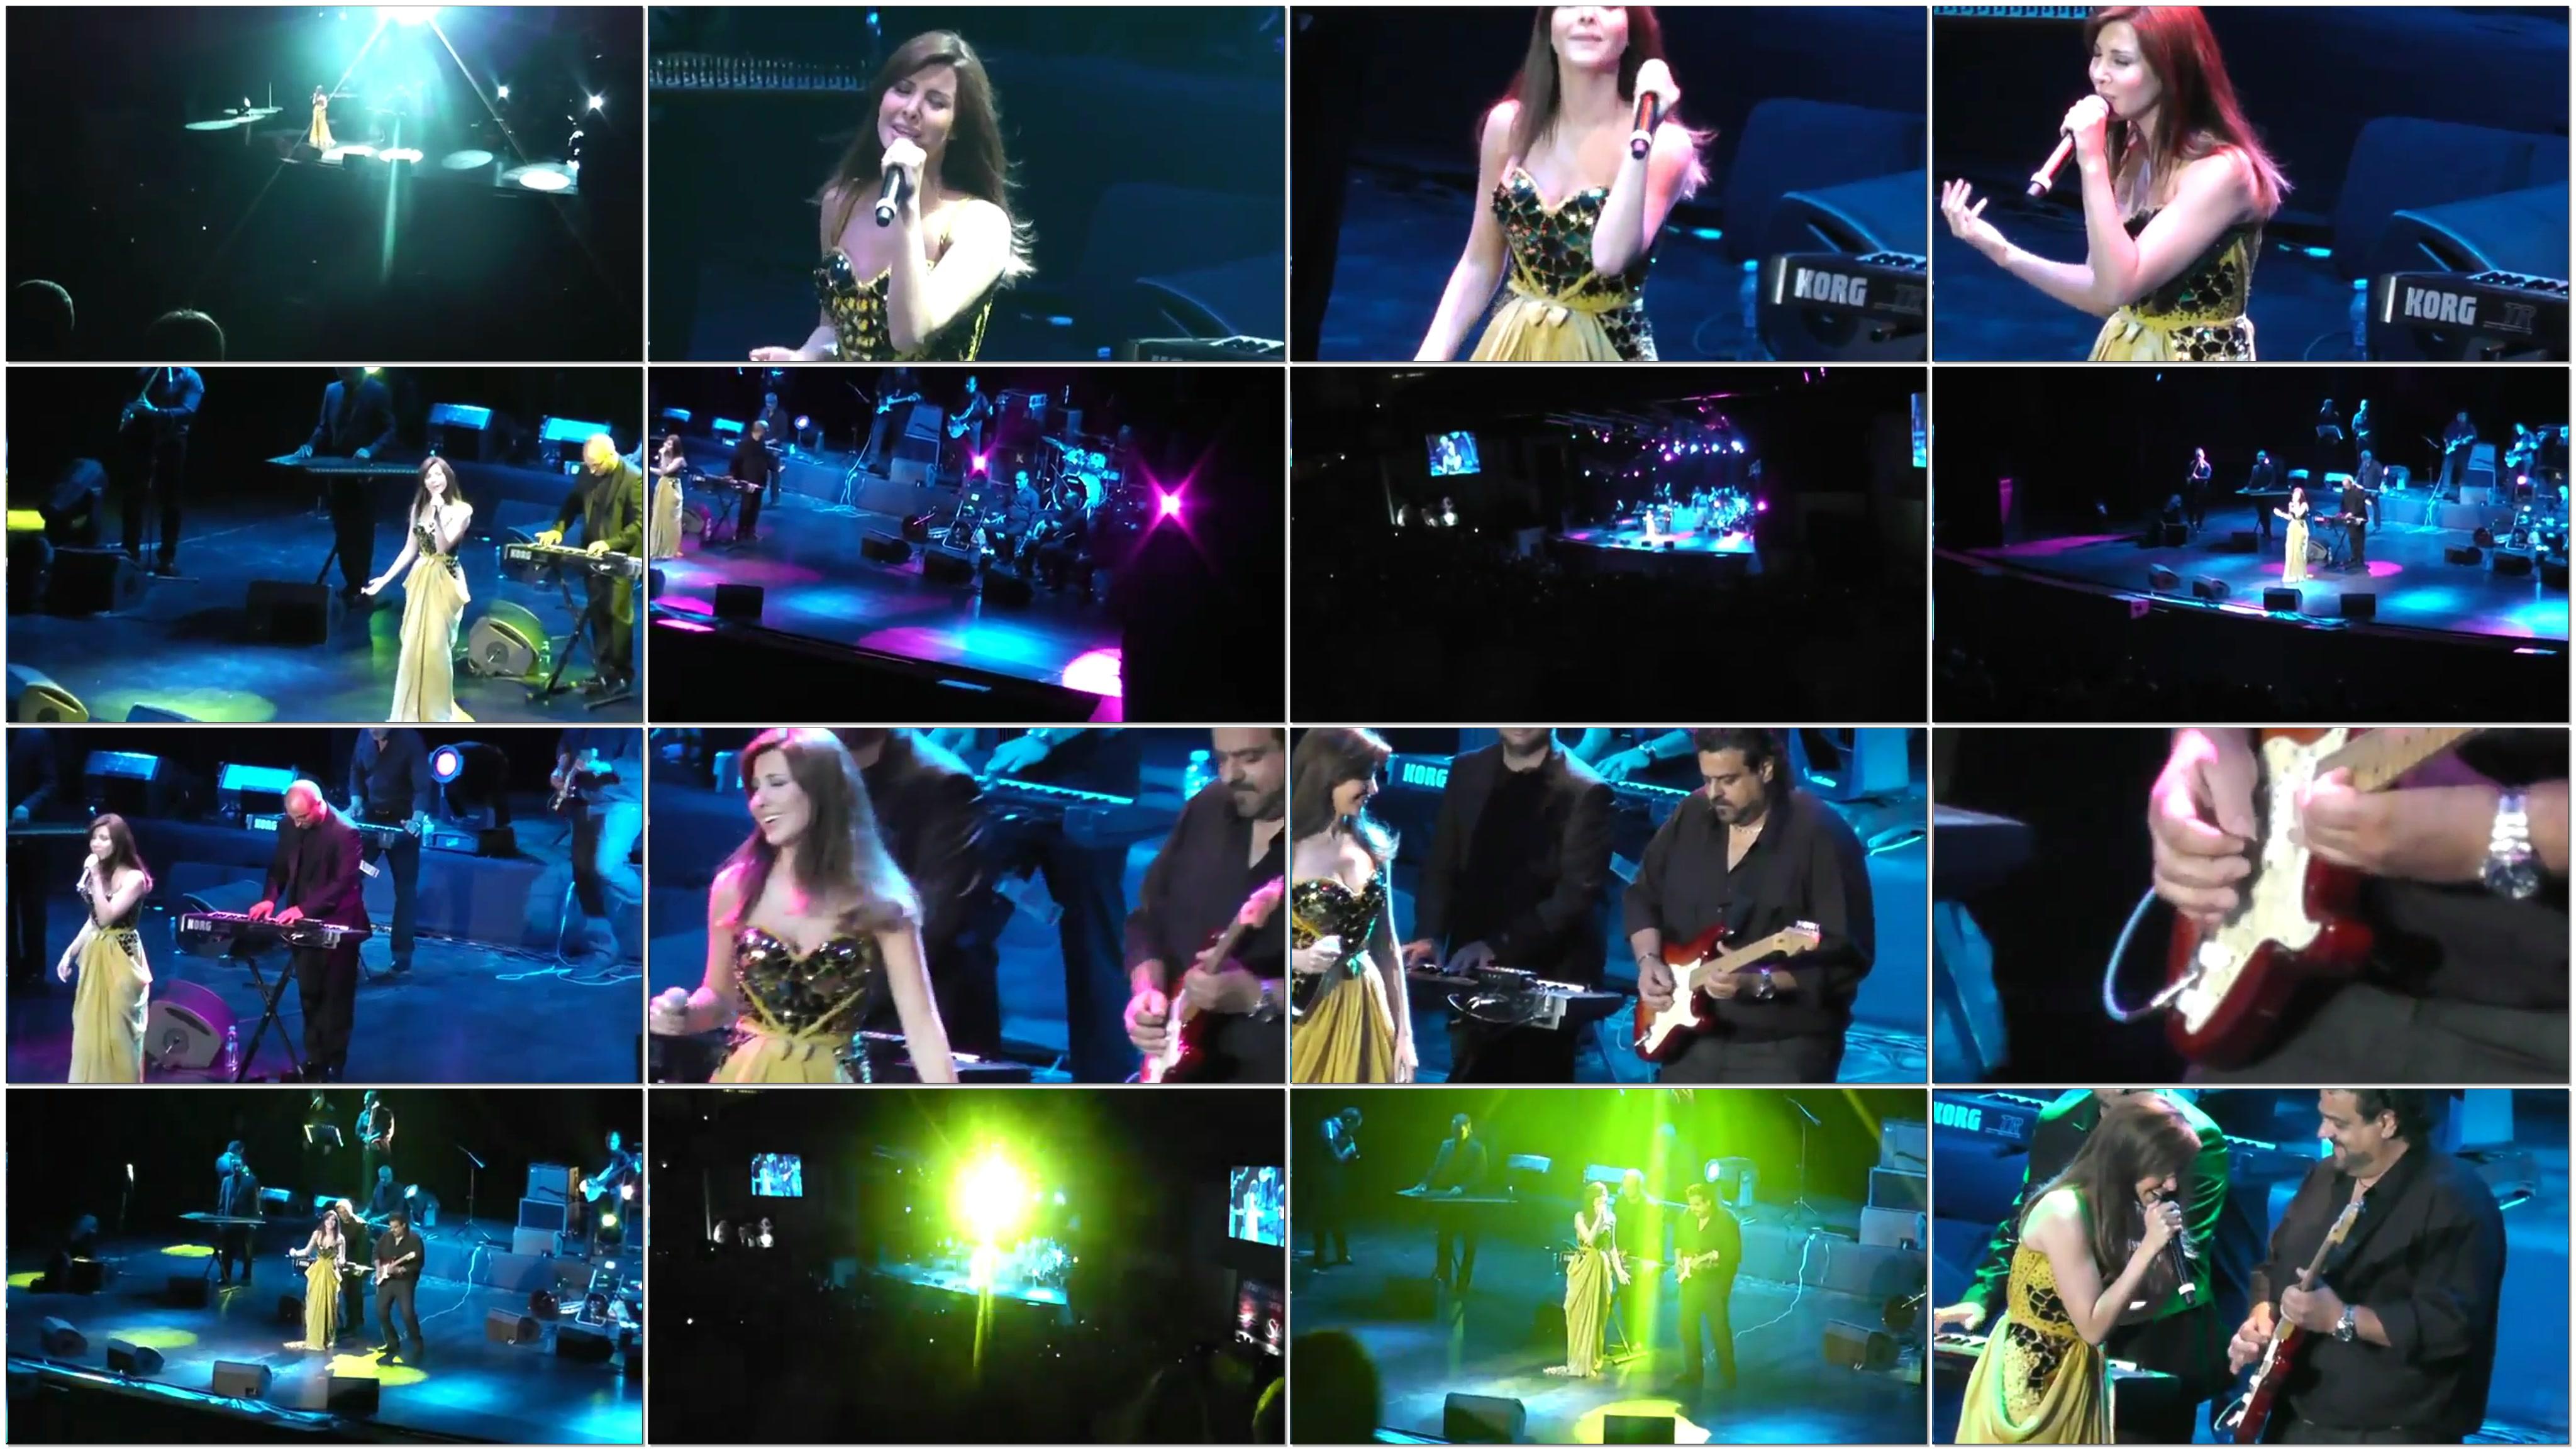 دانلود 4 ویدیو اجرا نانسی عجرم در کنسرت ترکیه استامبول 2012